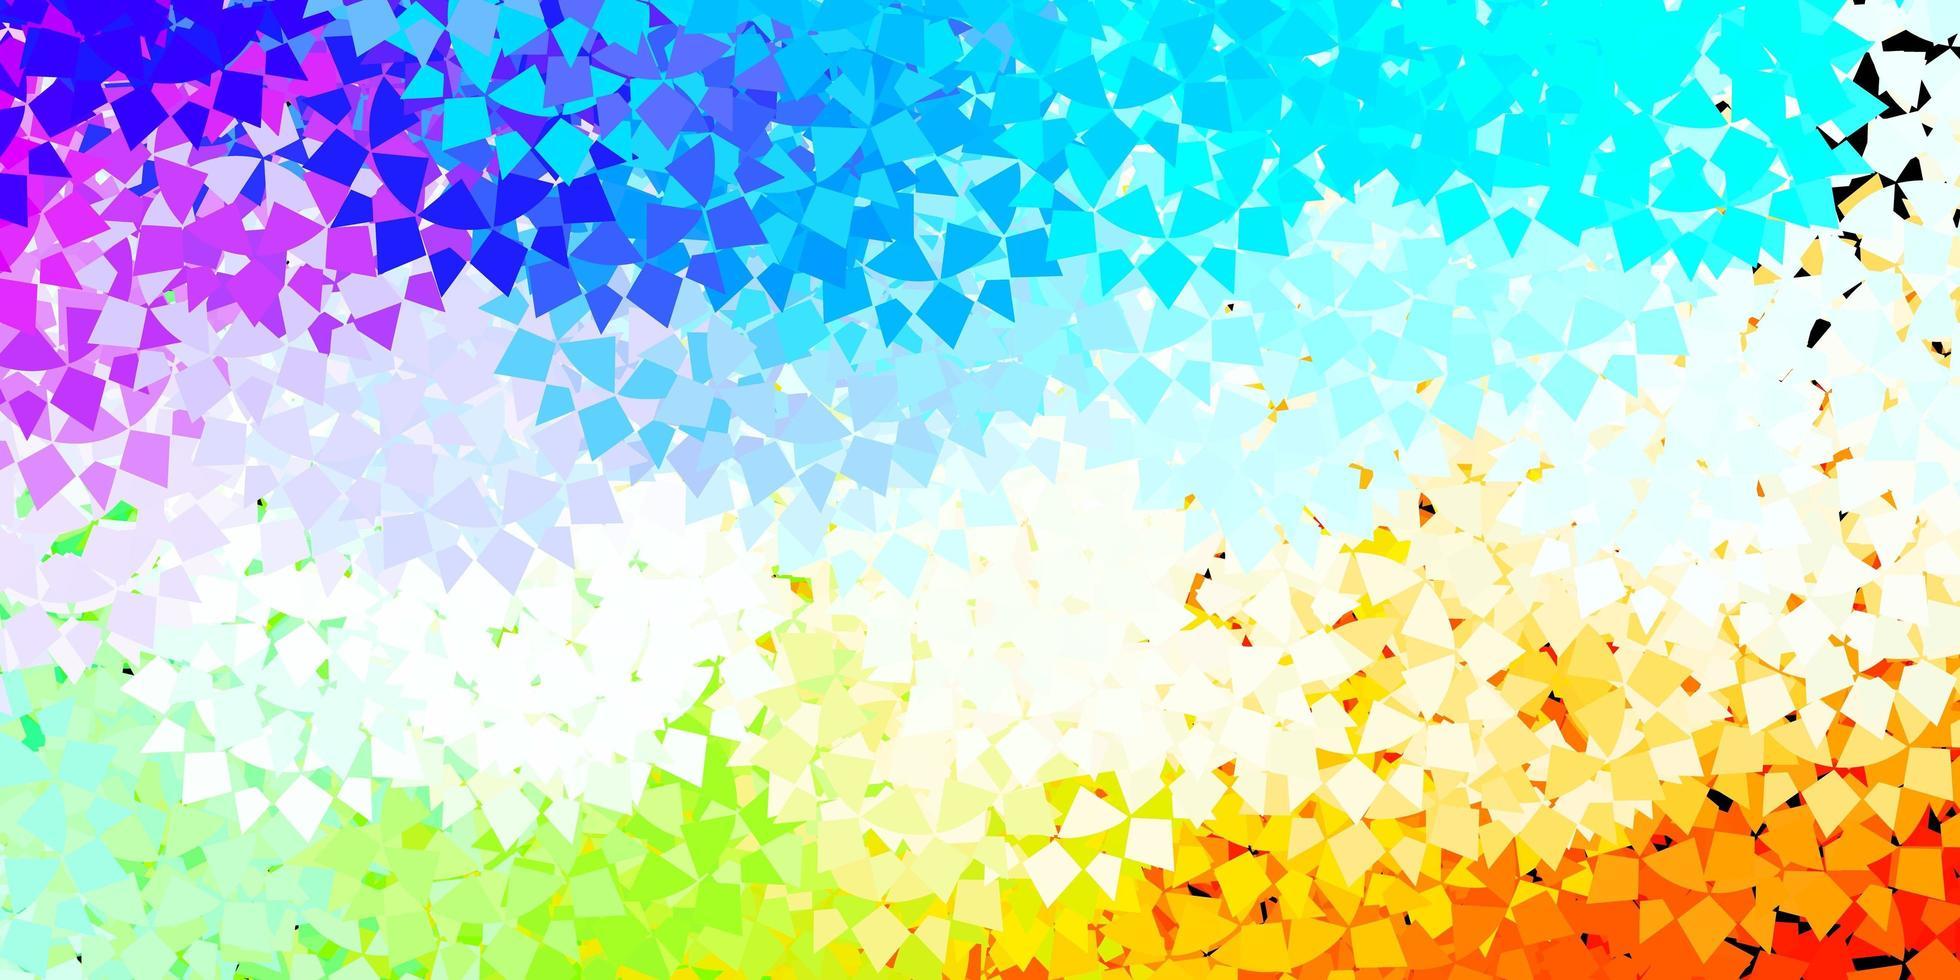 Fondo de vector multicolor claro con formas poligonales.